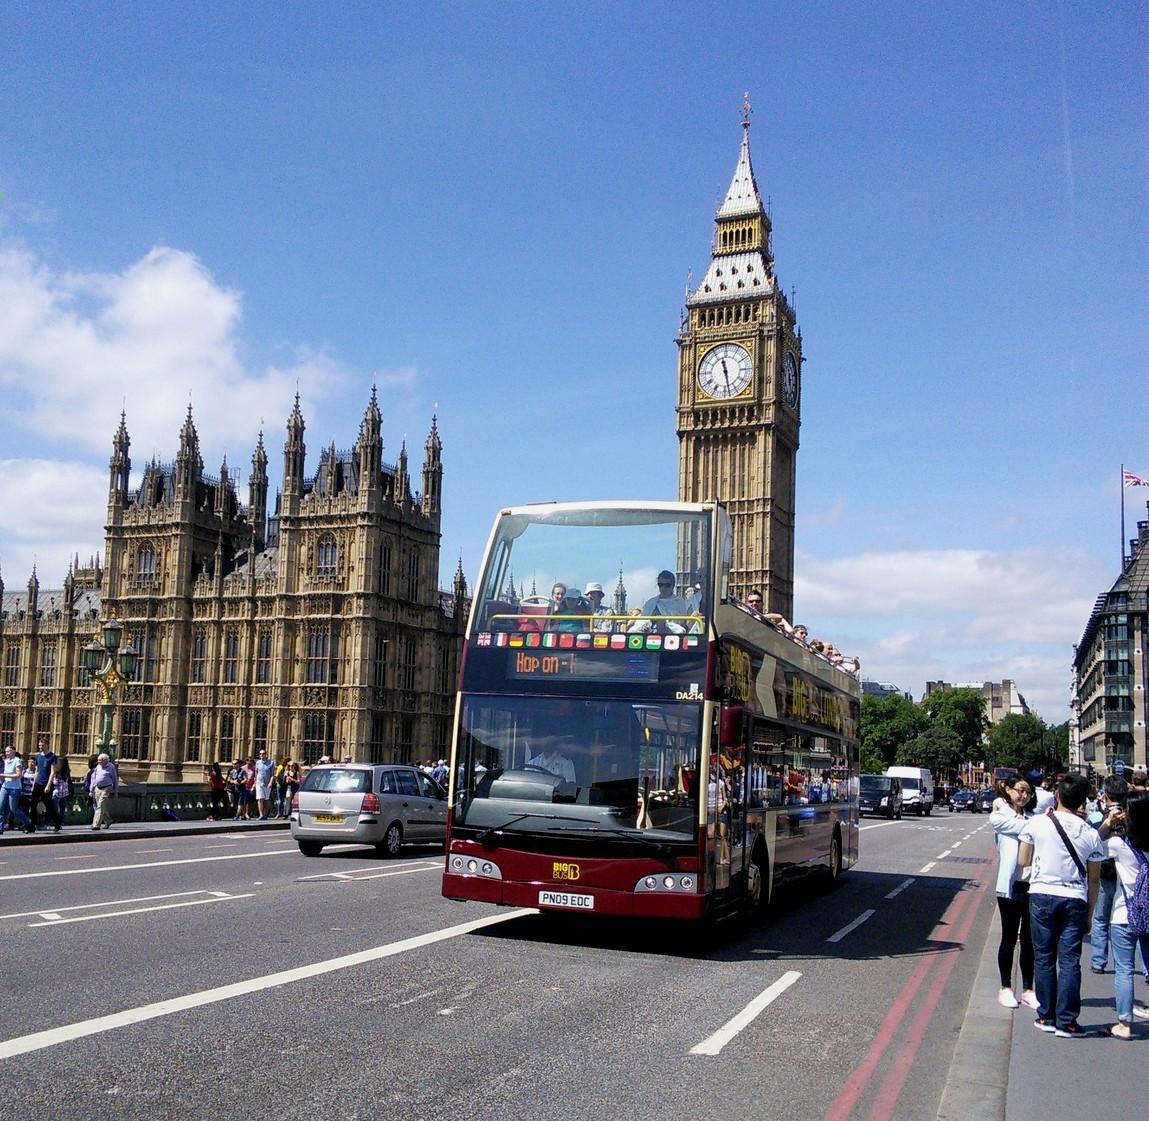 Вестминстерский мост и часы Биг-Бен в Лондоне (Англия)